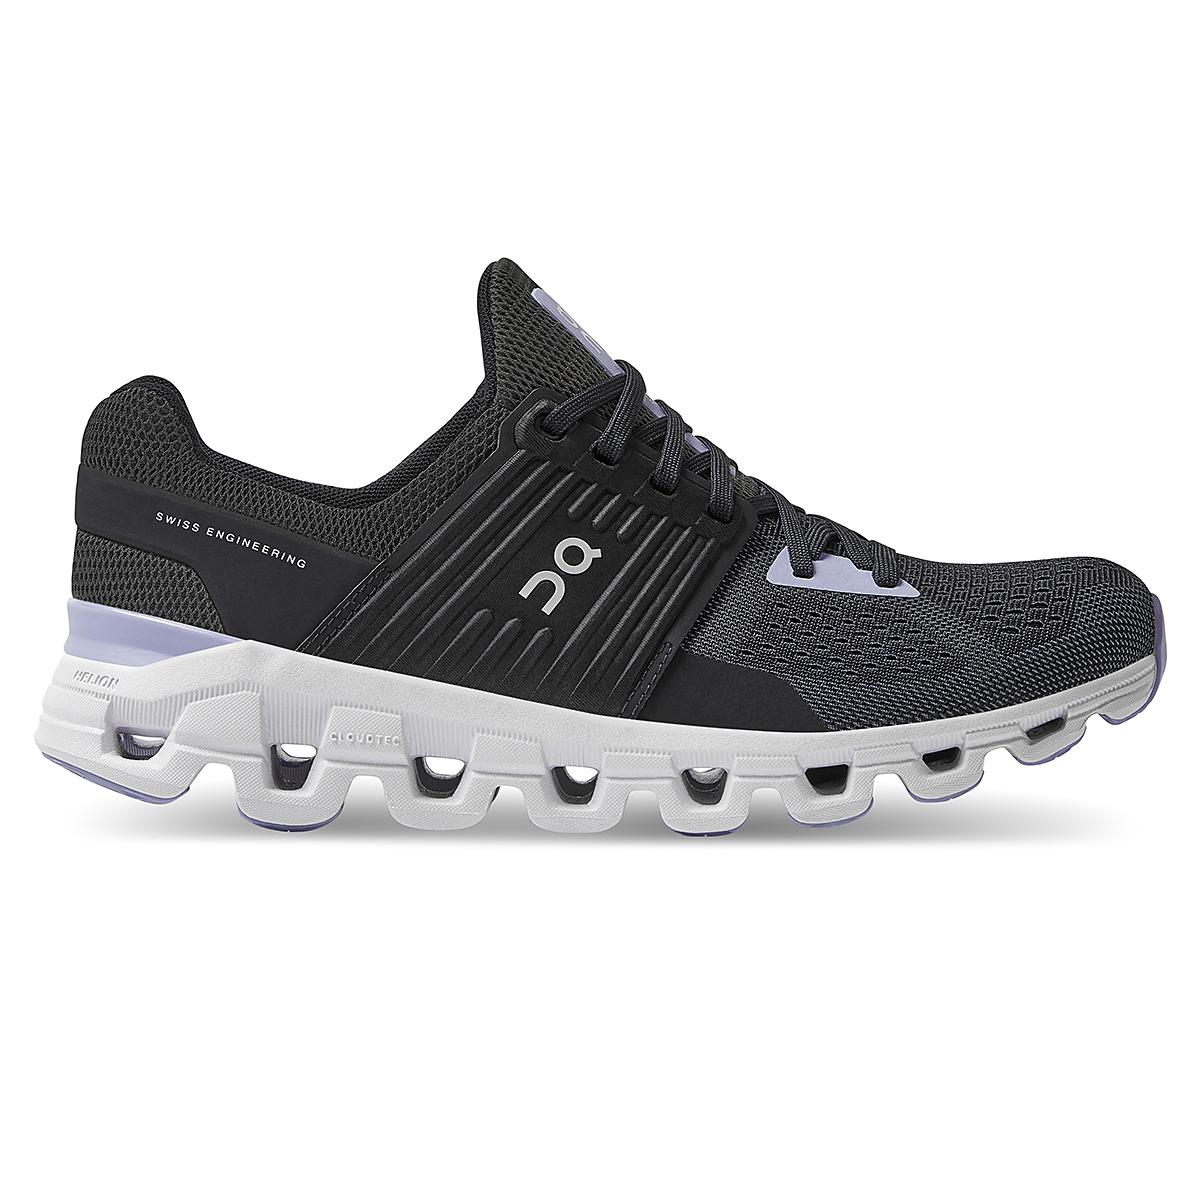 Women's On Cloudswift 2.0 Running Shoe - Color: Magnet/Lavender - Size: 5 - Width: Regular, Magnet/Lavender, large, image 1